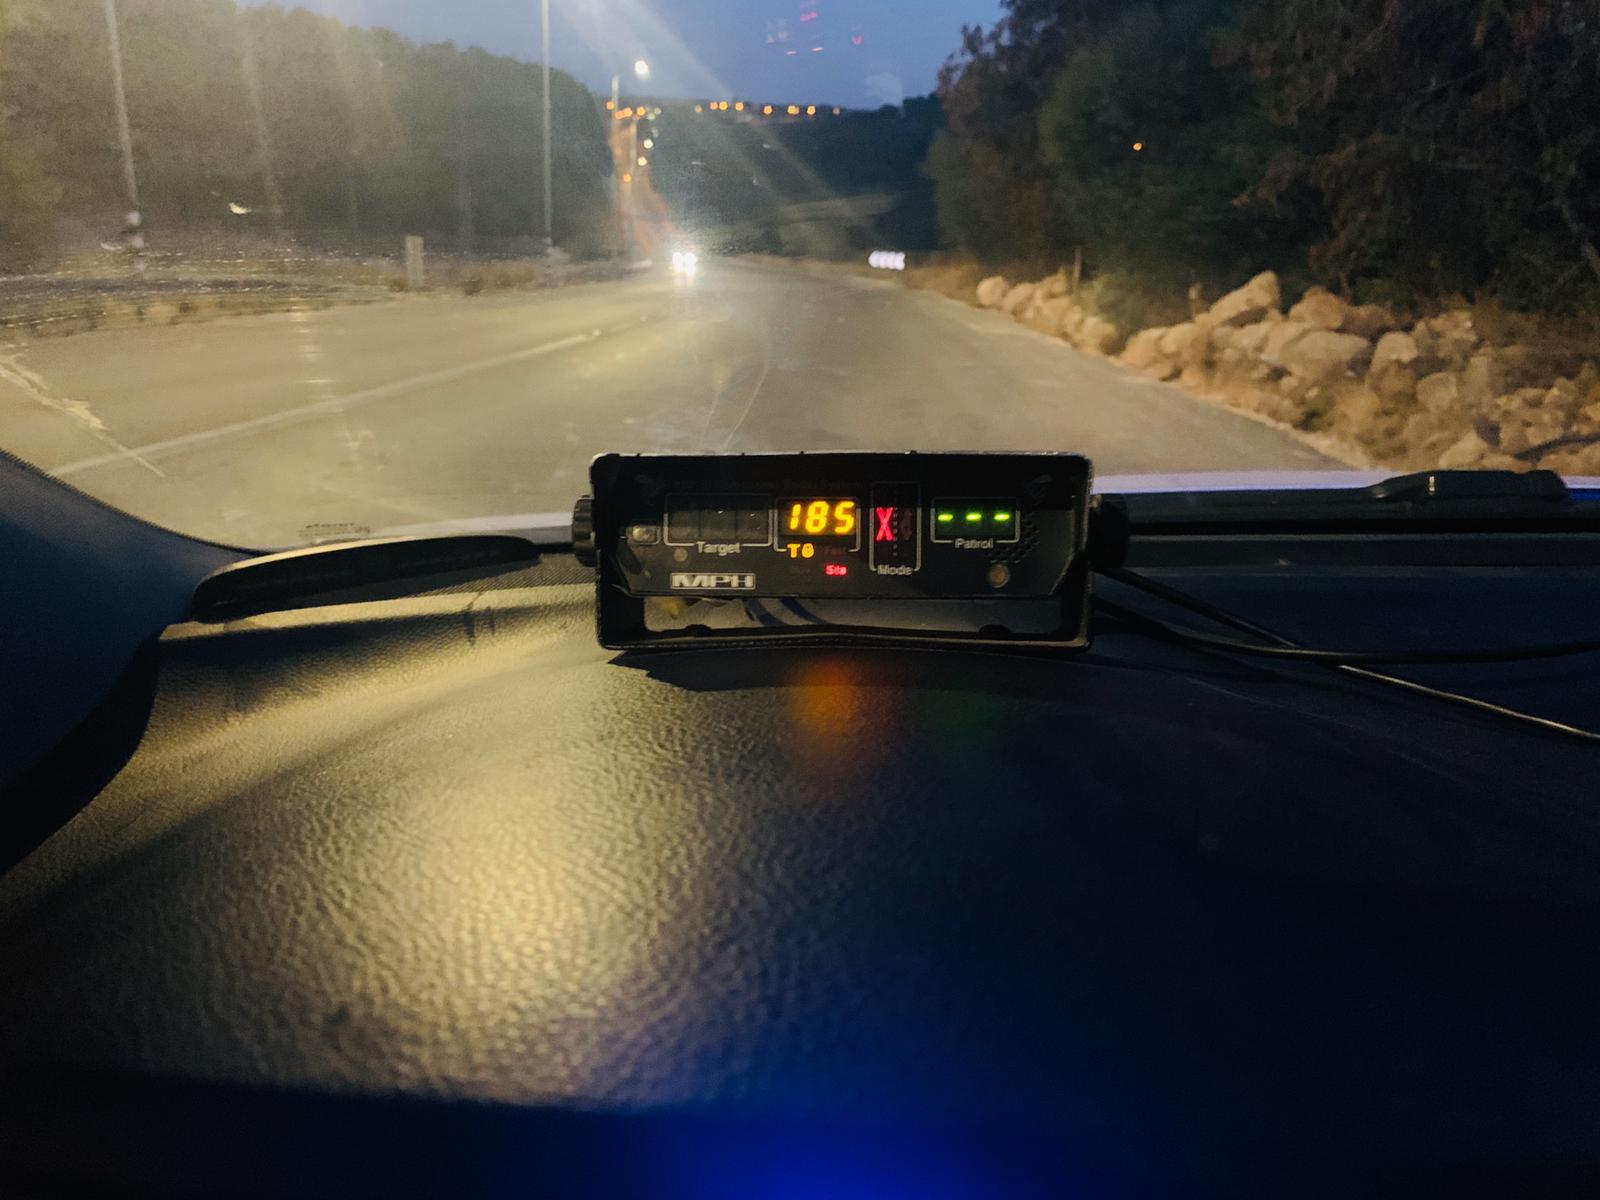 מכמונת המהירות של המשטרה